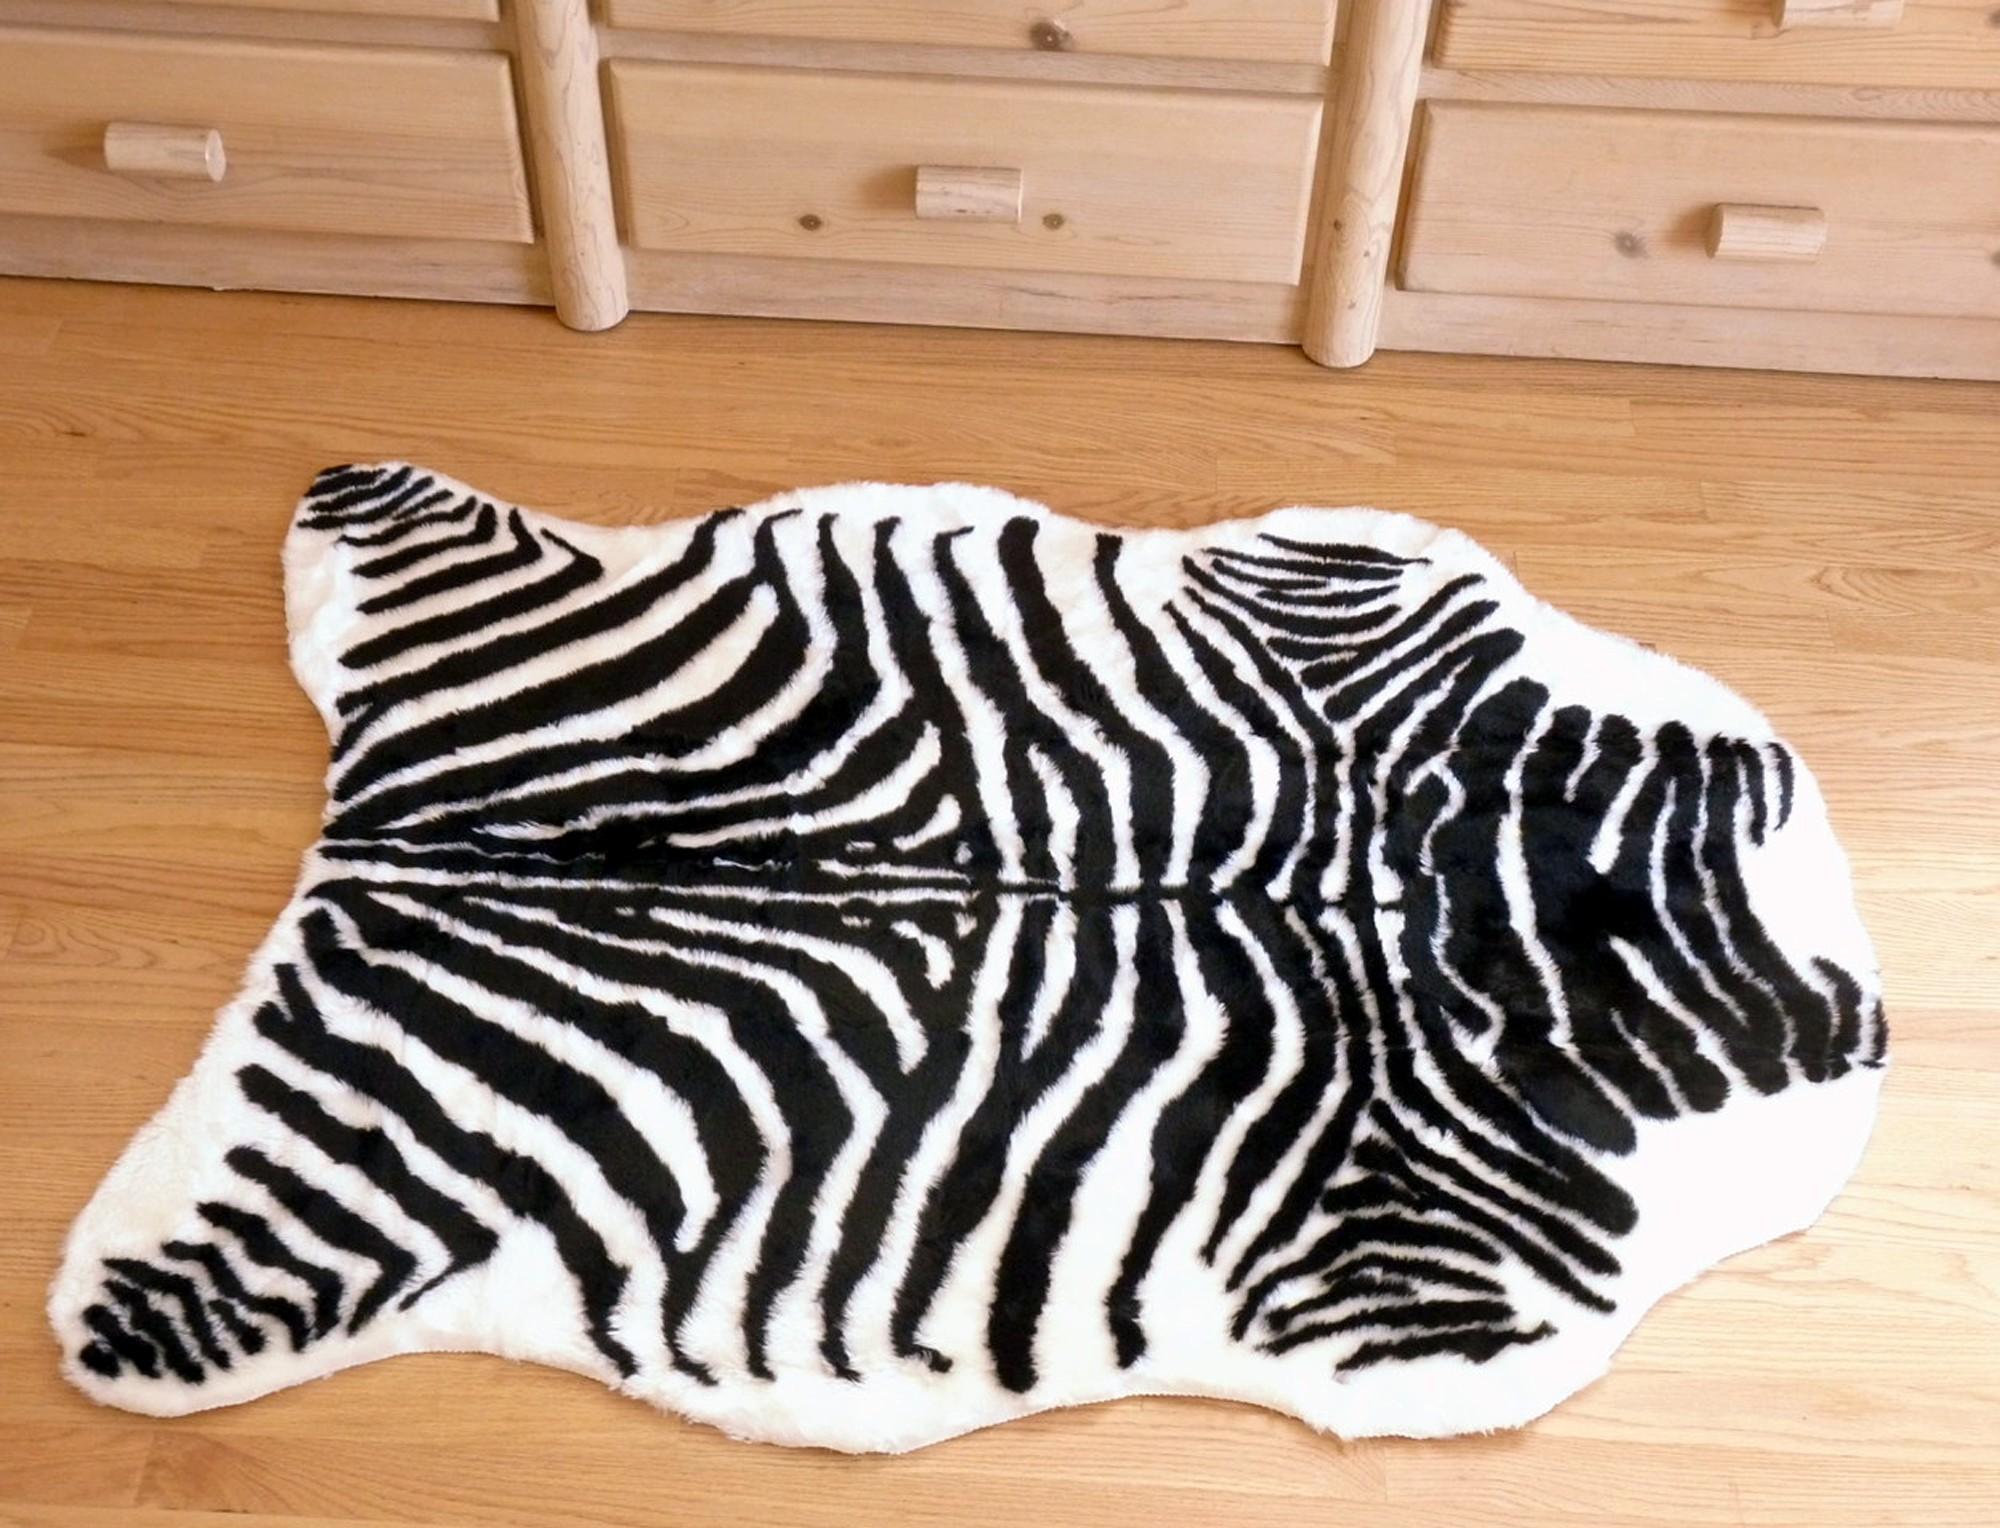 tapis imitation z bre synth tique couleur blanc et noir. Black Bedroom Furniture Sets. Home Design Ideas